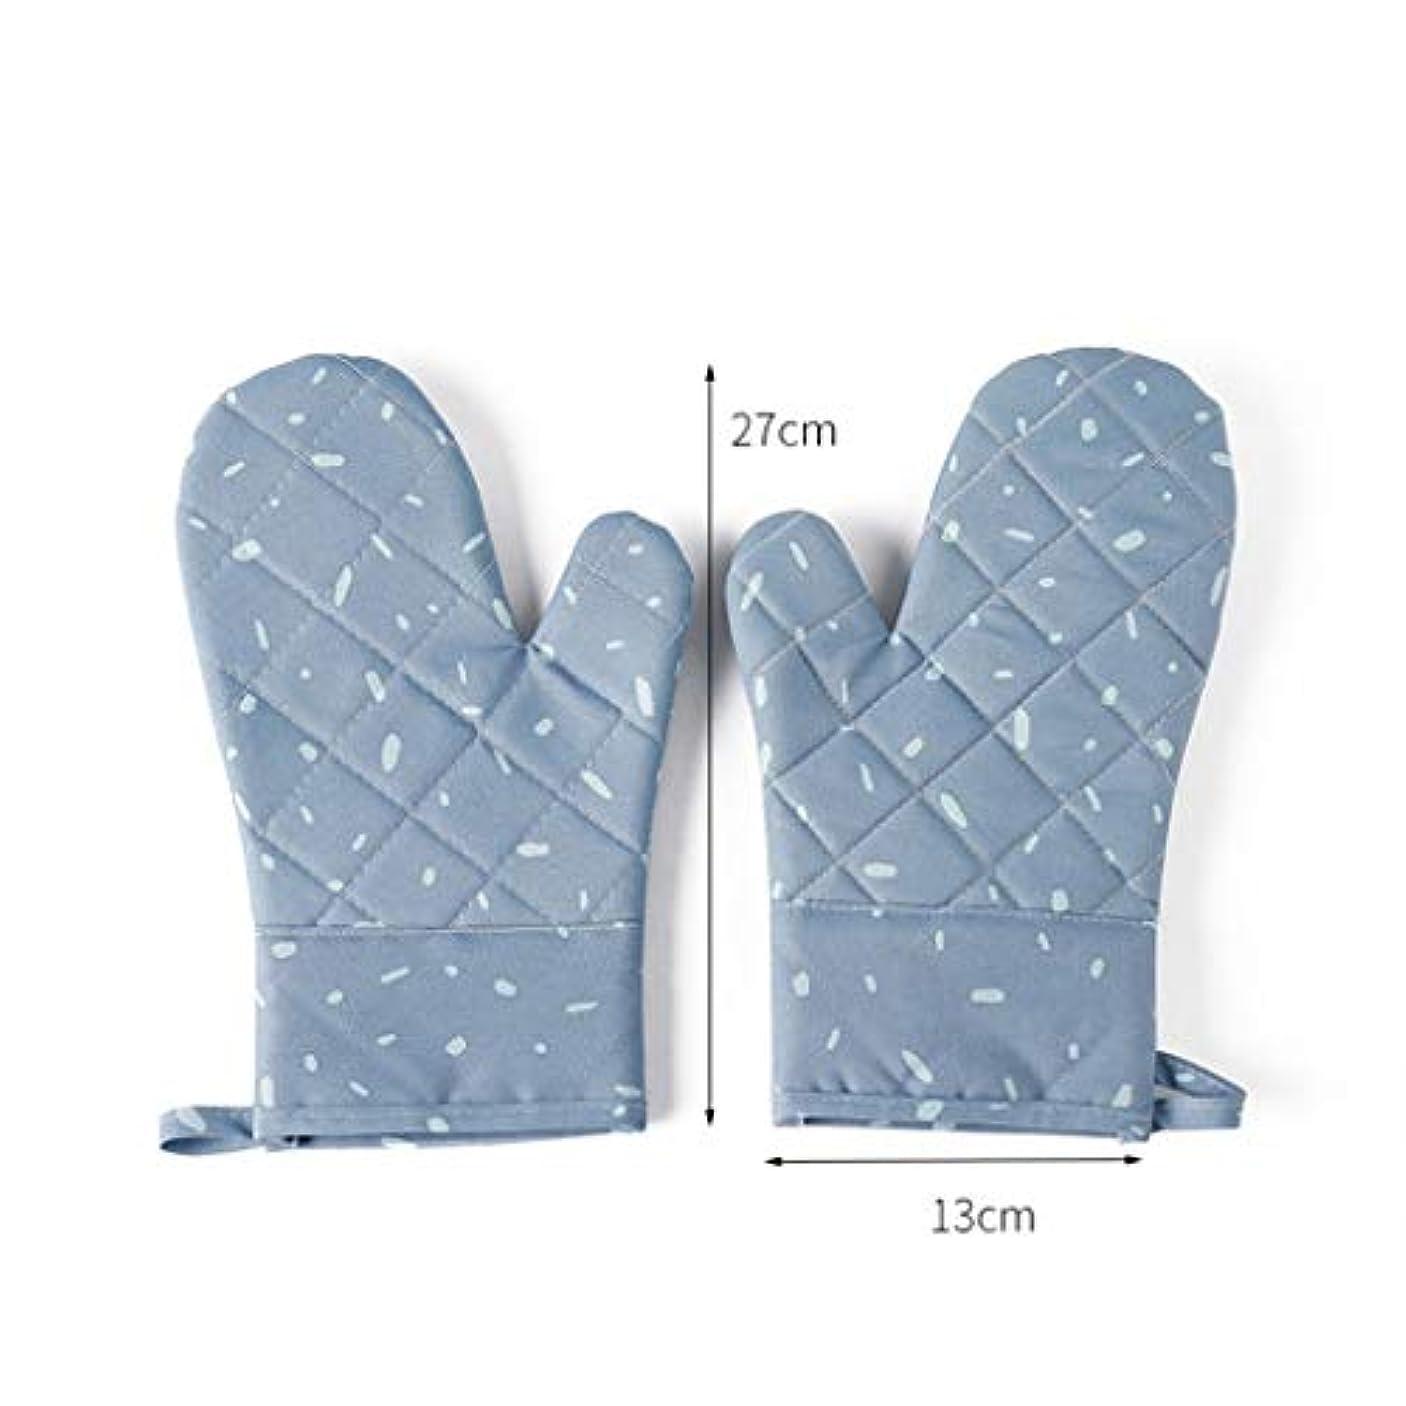 マウスピースランタンハウスLIUXIN シリコーン絶縁手袋厚く滑り止めの手袋ベーキング保護手袋高温耐性の火傷防止手袋13 * 27 CMマルチカラーオプション ゴム手袋 (Color : Blue)